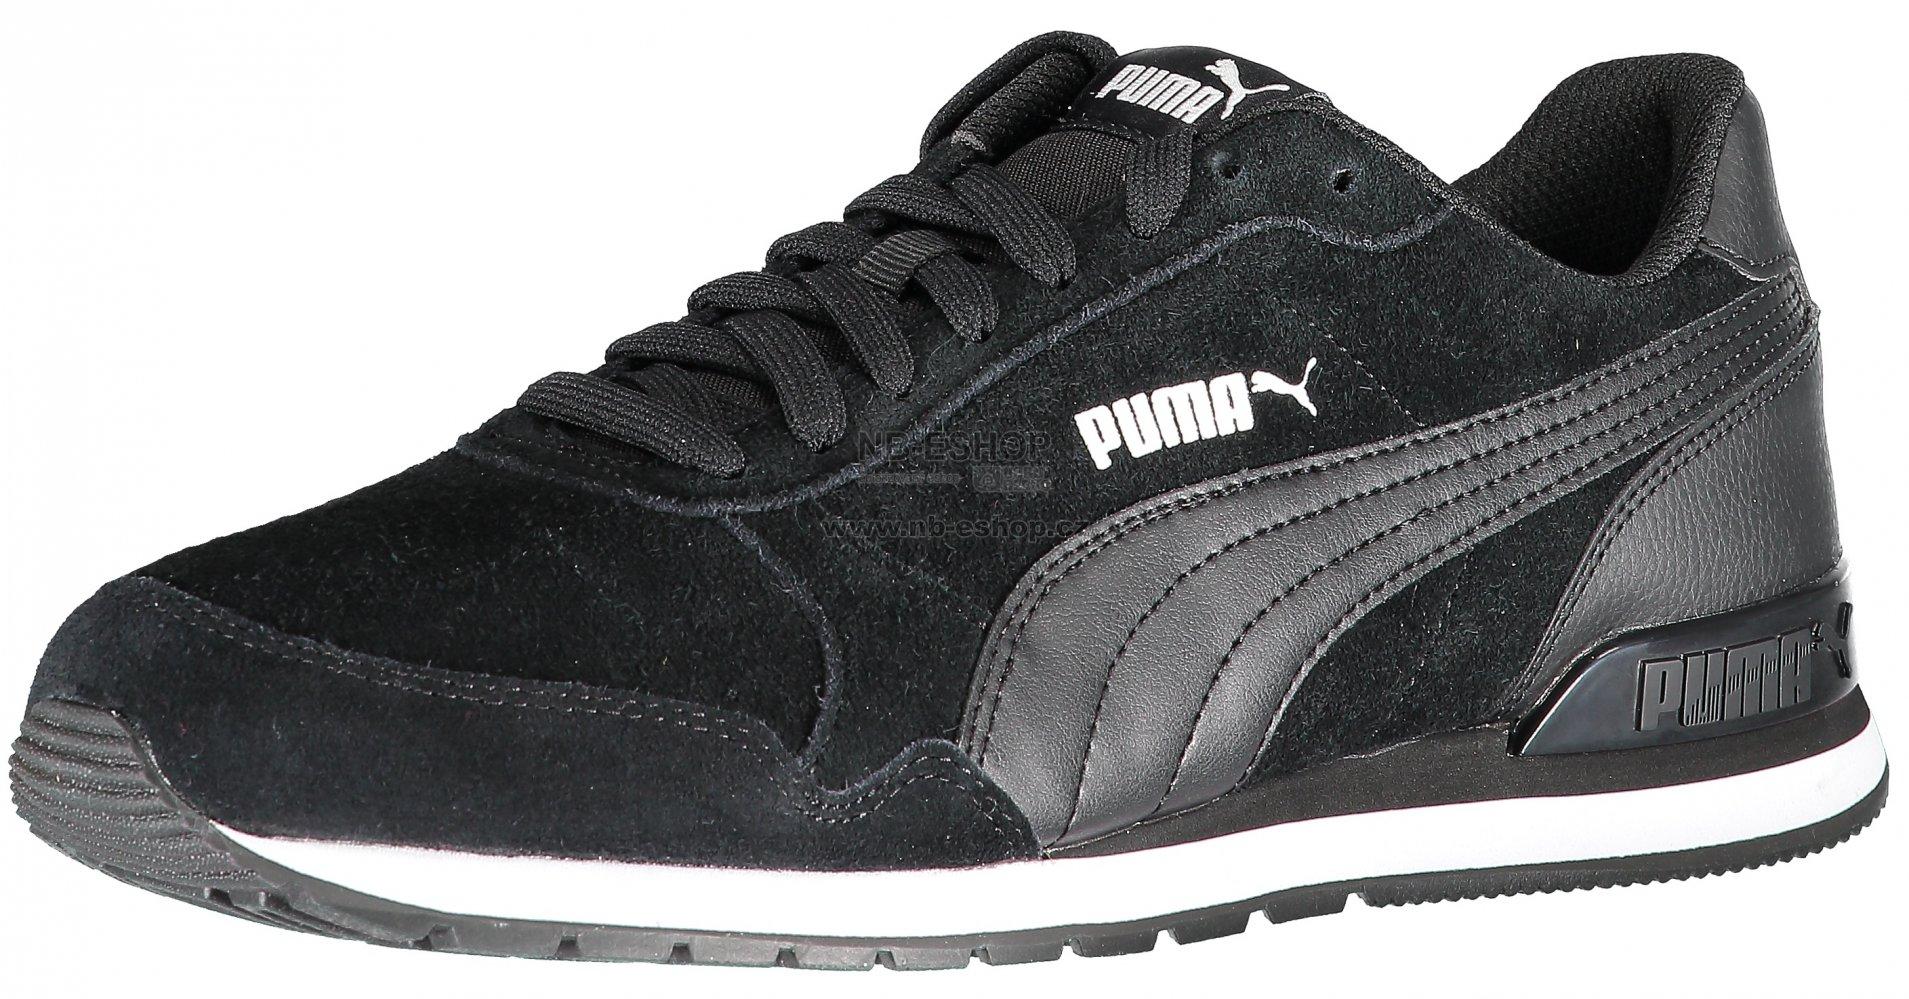 Pánská běžecká obuv PUMA ST RUNNER V2 SD 36527901 PUMA BLACK PUMA BLACK 38b6331d8c